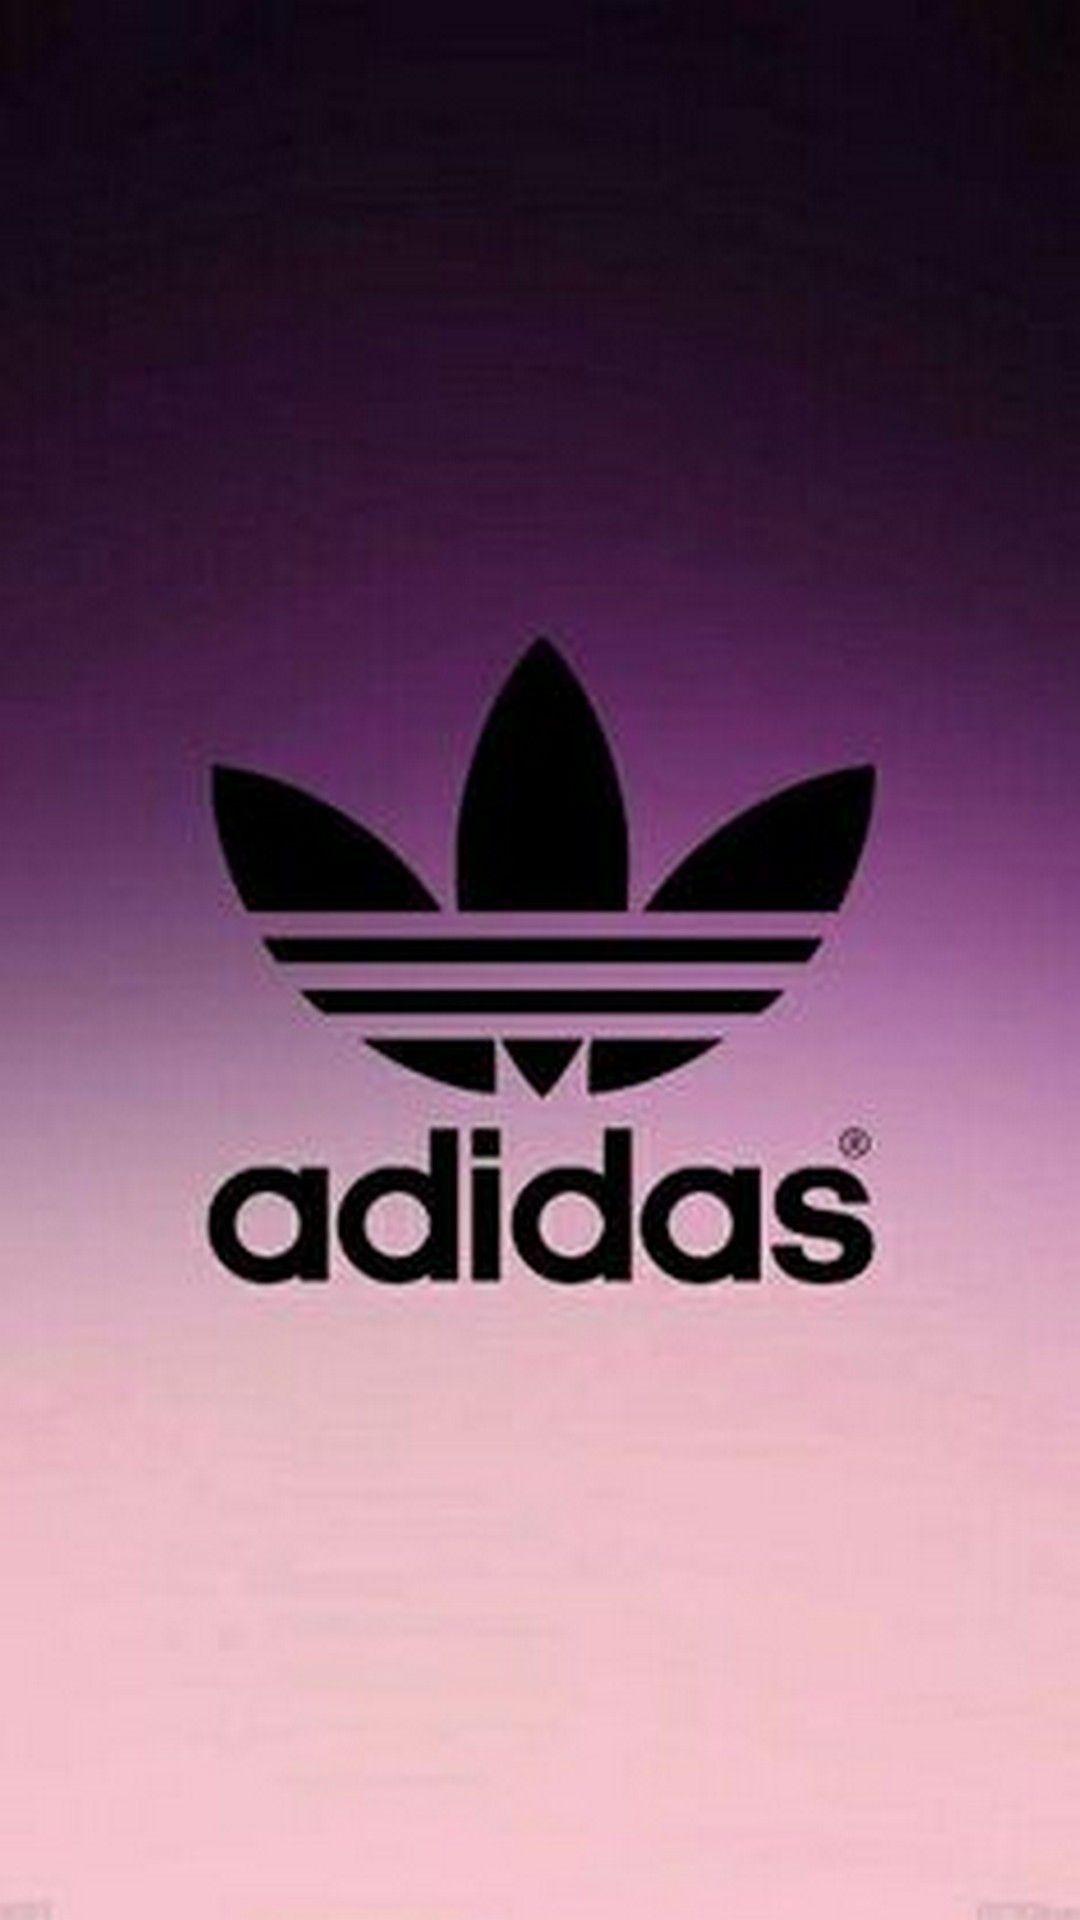 Colorful Adidas Background Image Adidas Wallpapers Adidas Wallpaper Iphone Adidas Logo Wallpapers